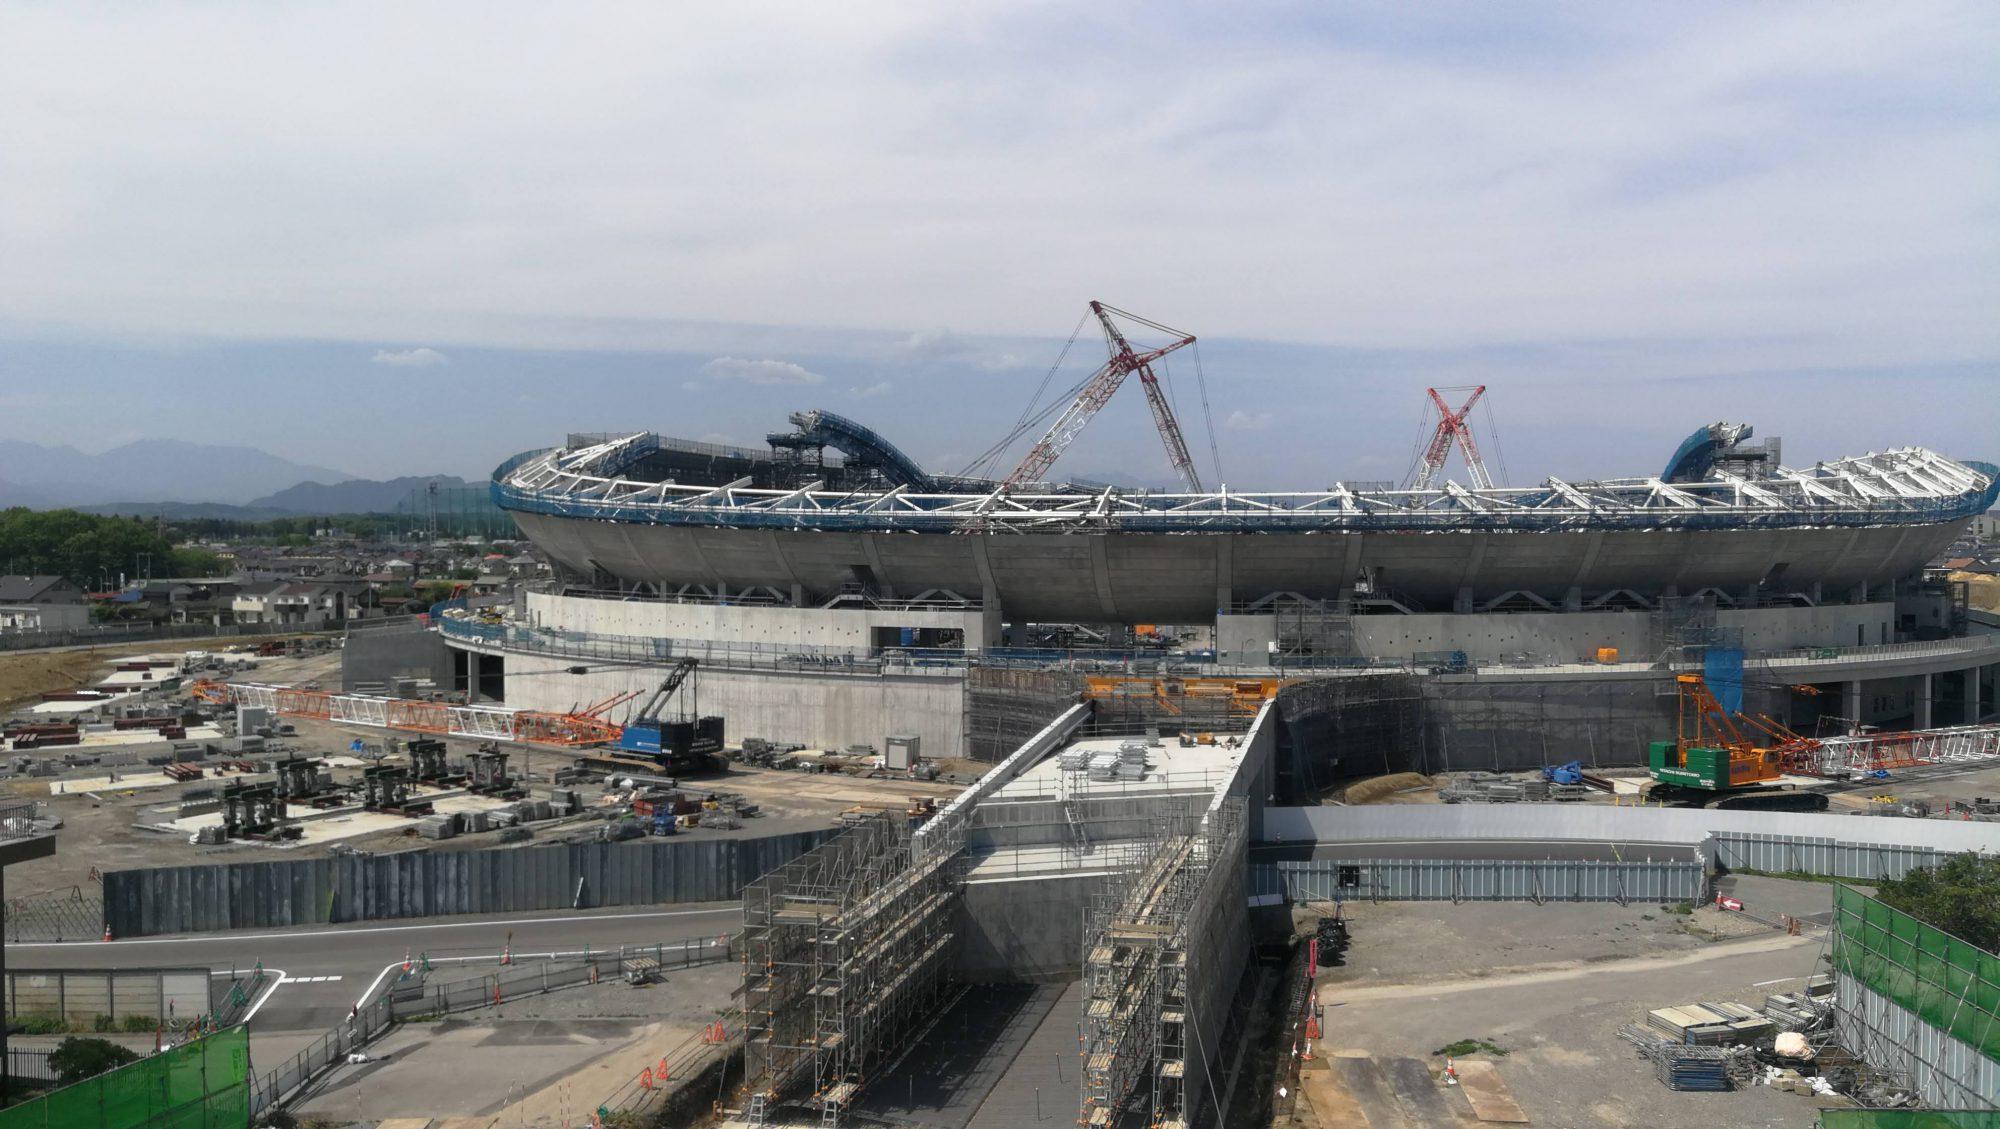 建設中の栃木県総合グランド「新スタジアム」をとちのきファミリーランドの観覧車からみてきた